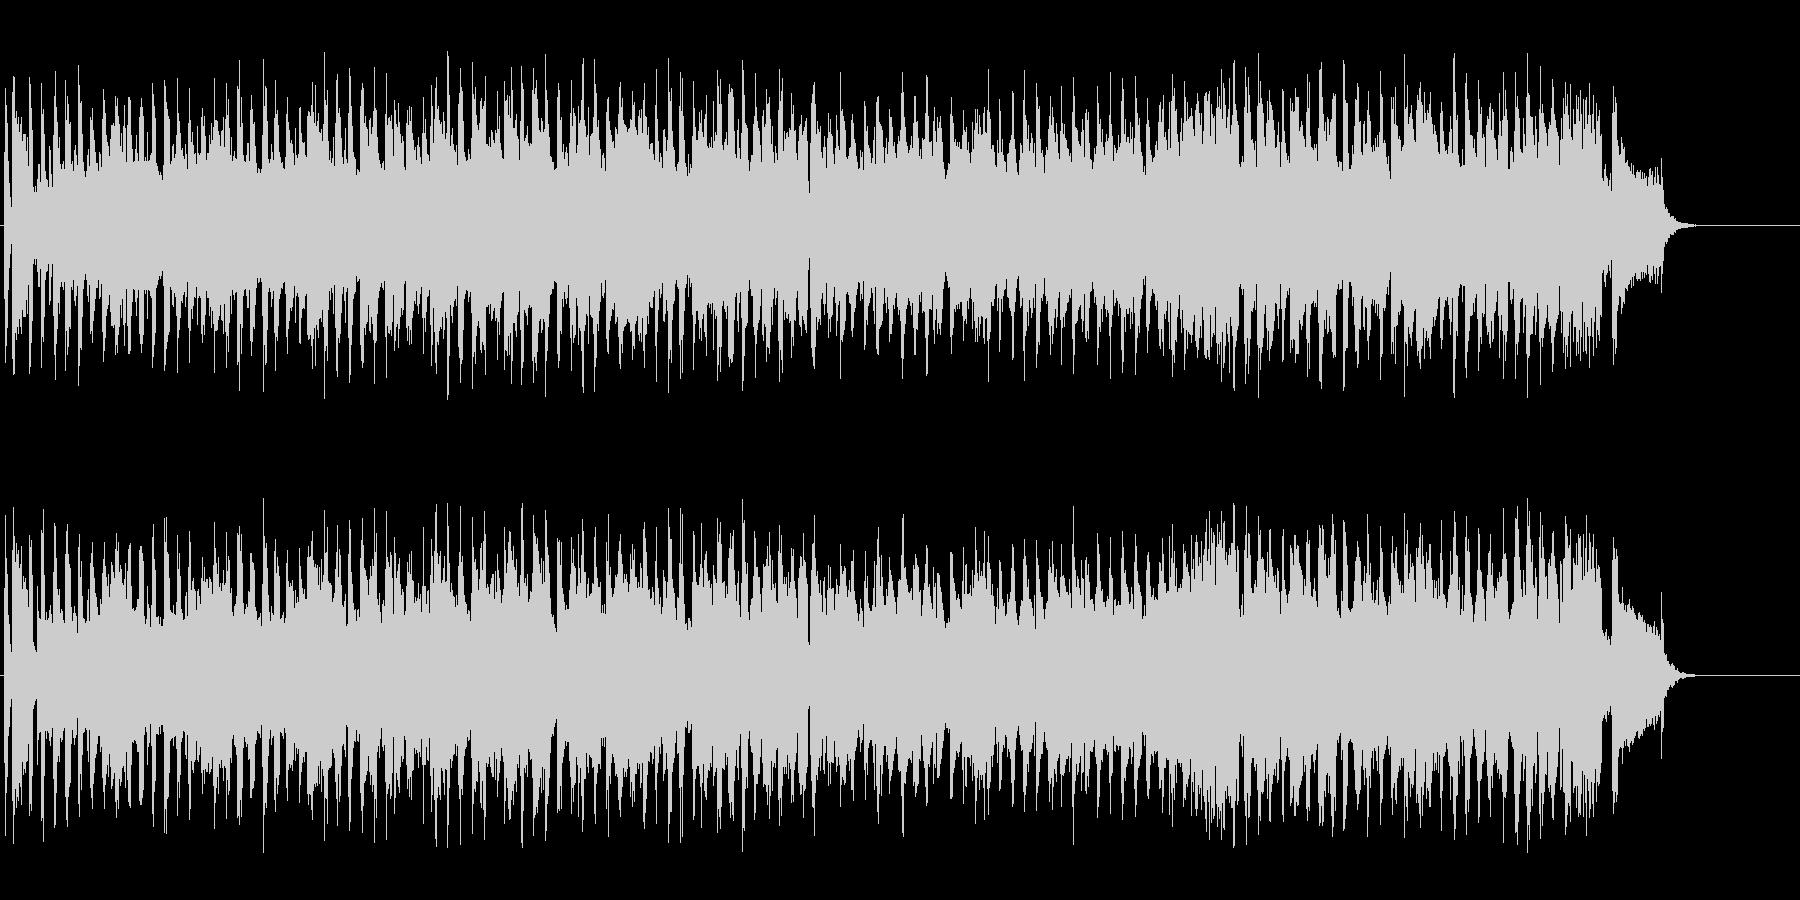 ゆったり陽気なデキシーランド・ジャズ風の未再生の波形